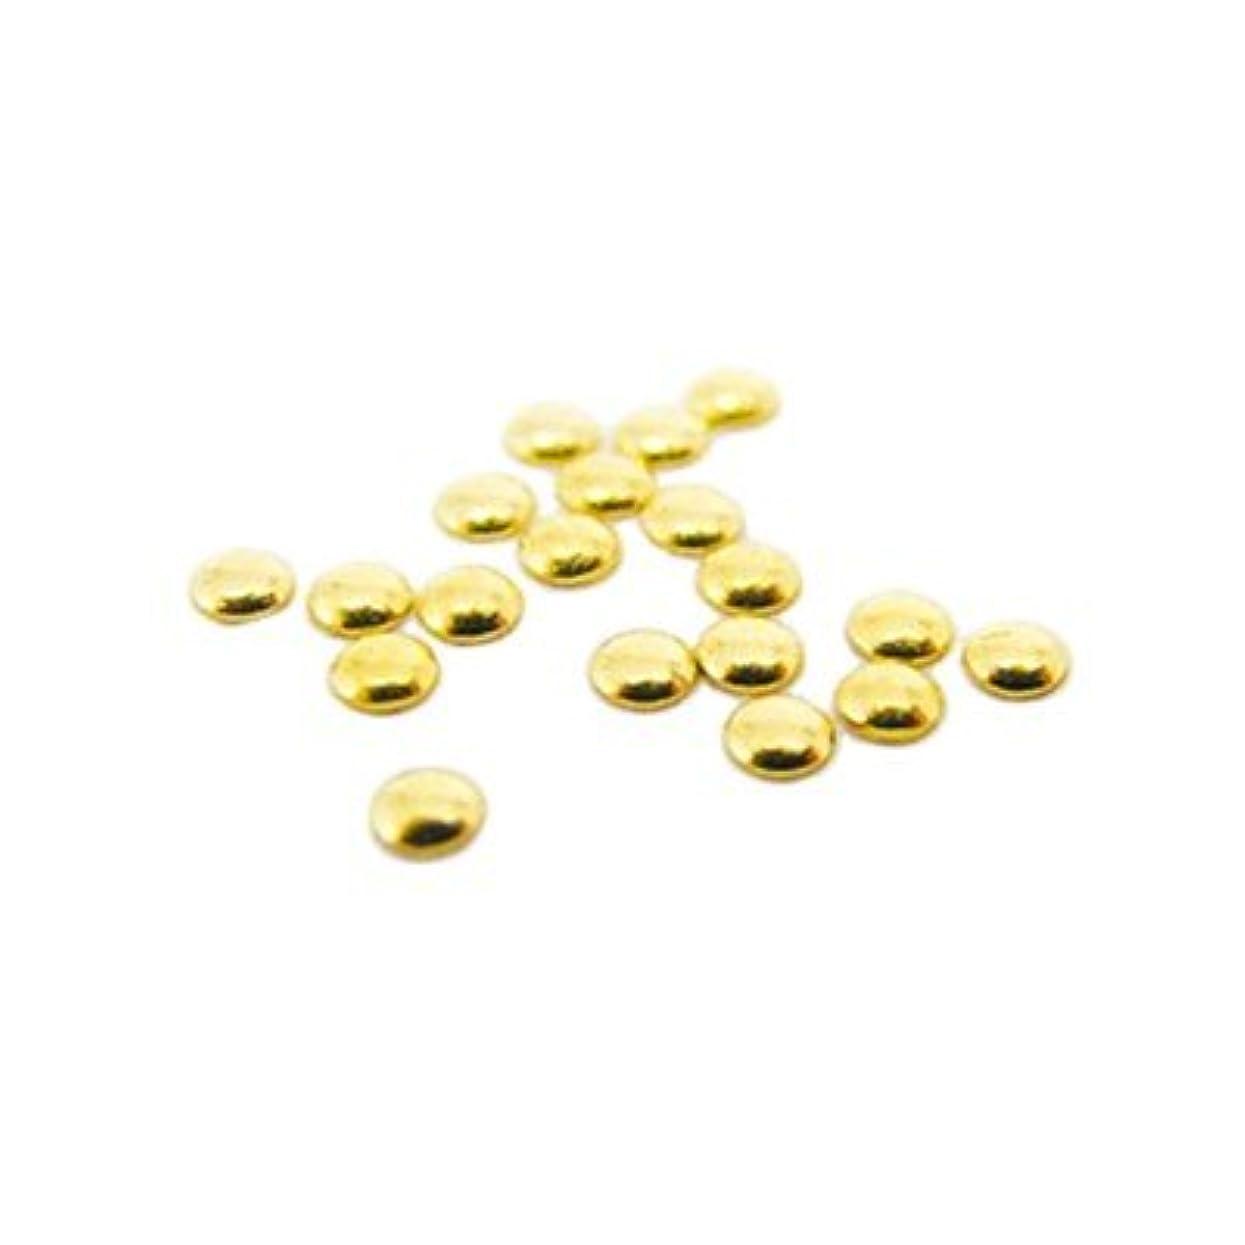 盲信影響力のある健全ピアドラ スタッズ 1.2mm 50P ゴールド